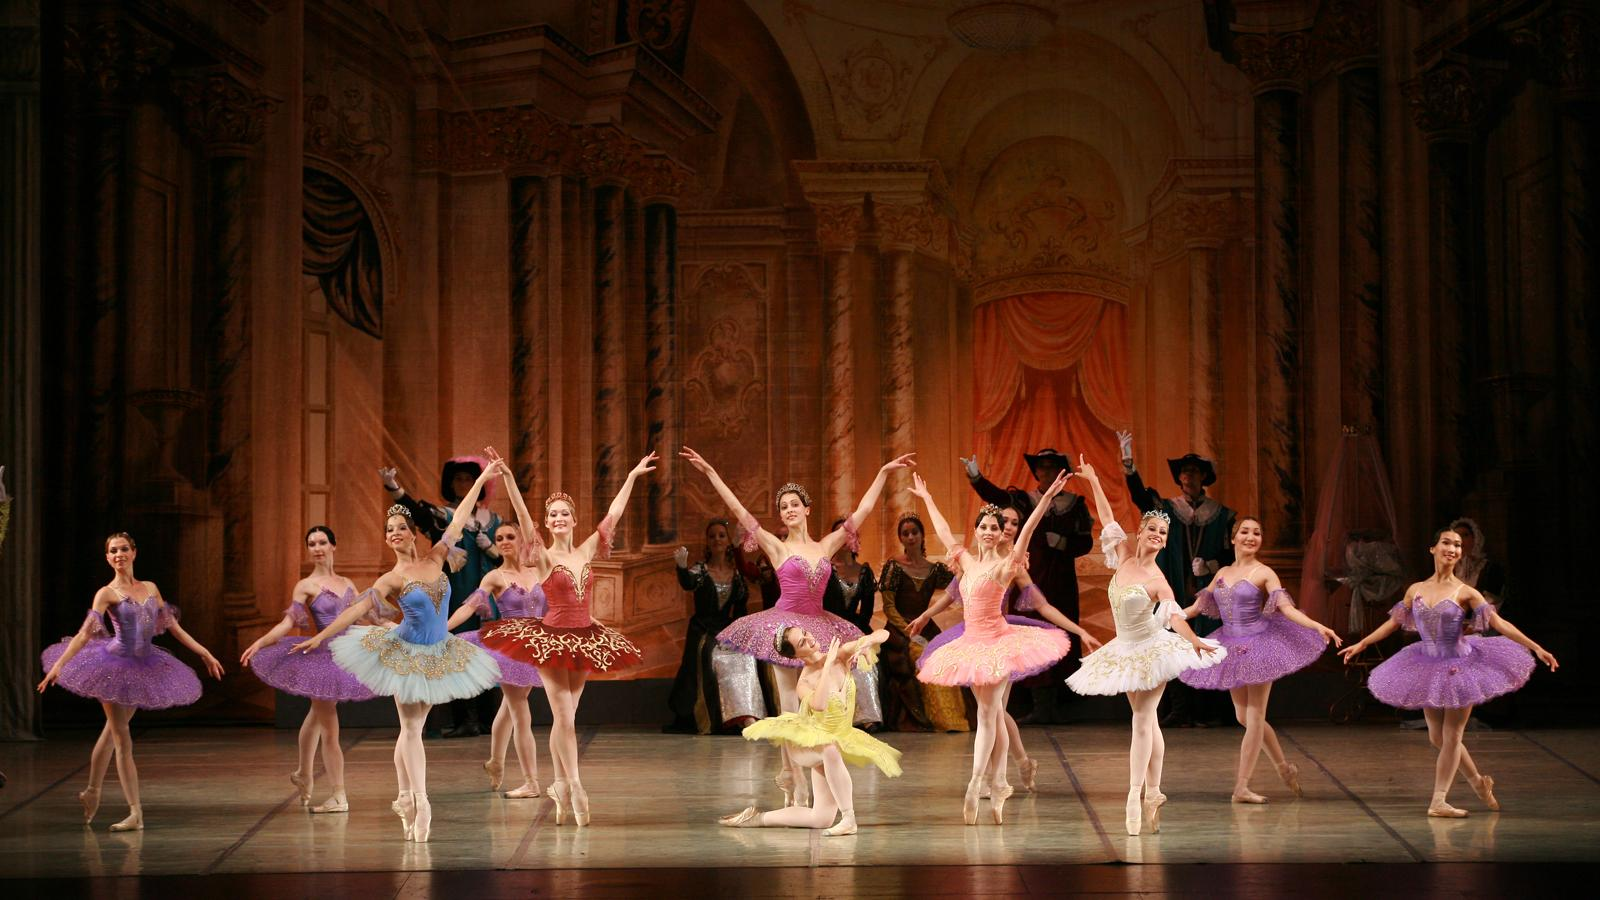 Russian National Ballet, Sleeping Beauty